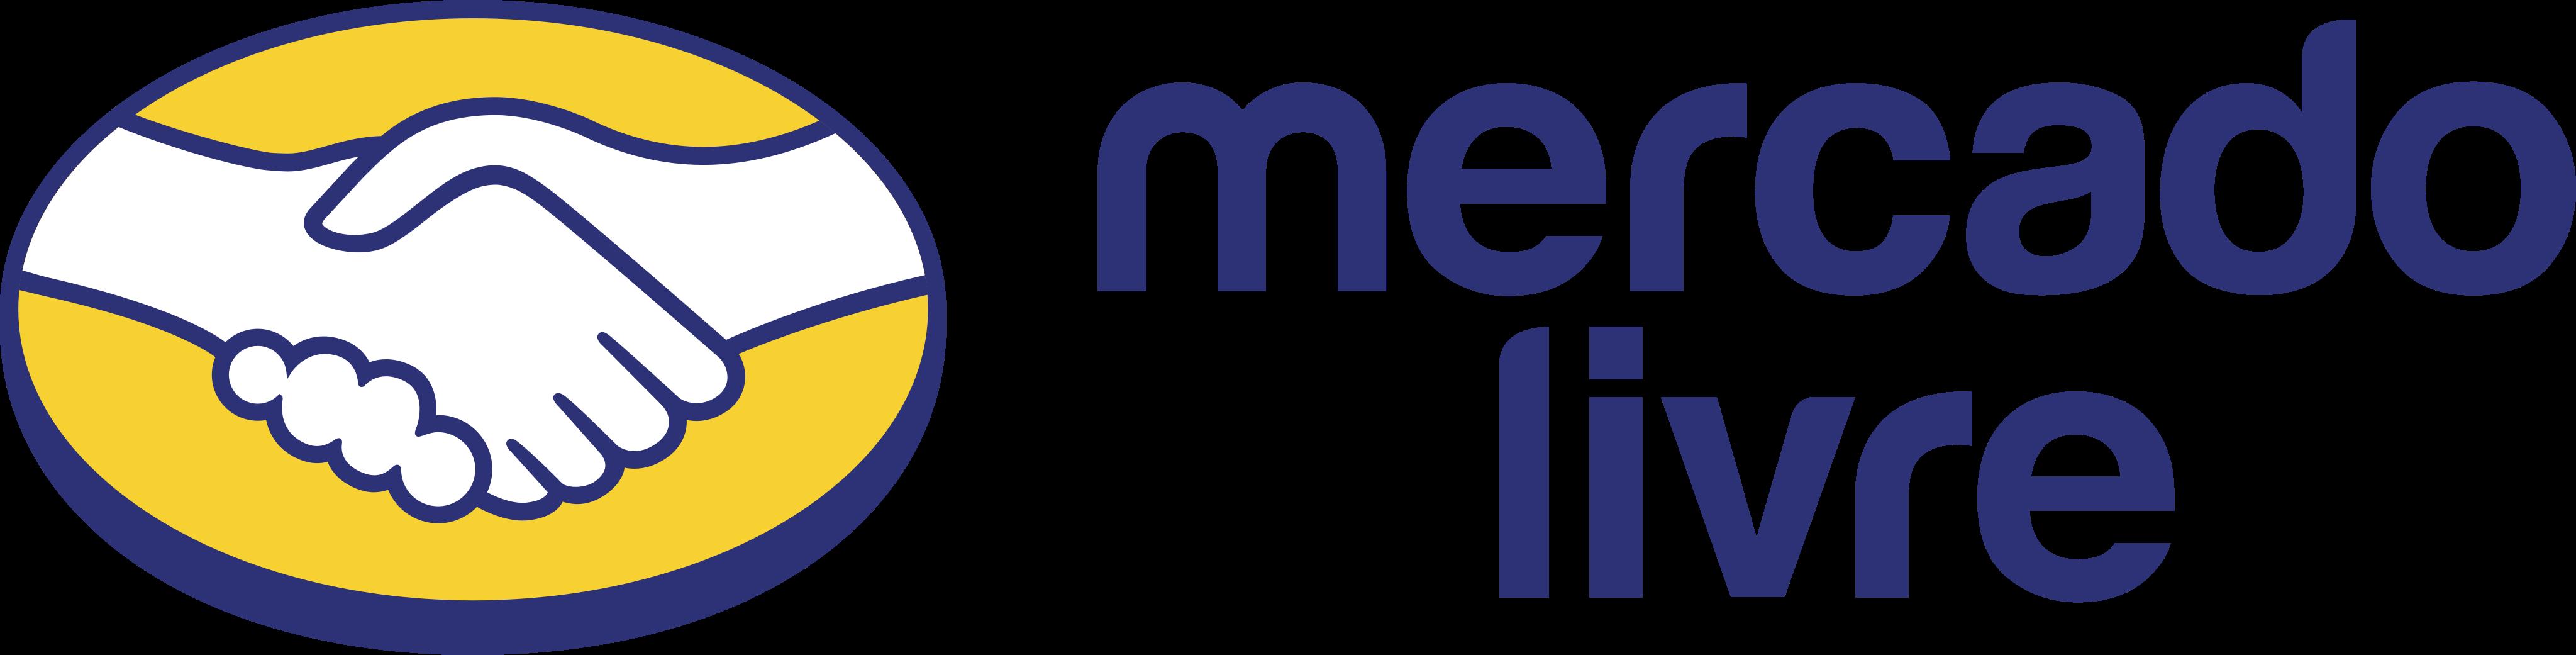 mercado livre logo 7 - Mercado Livre Logo